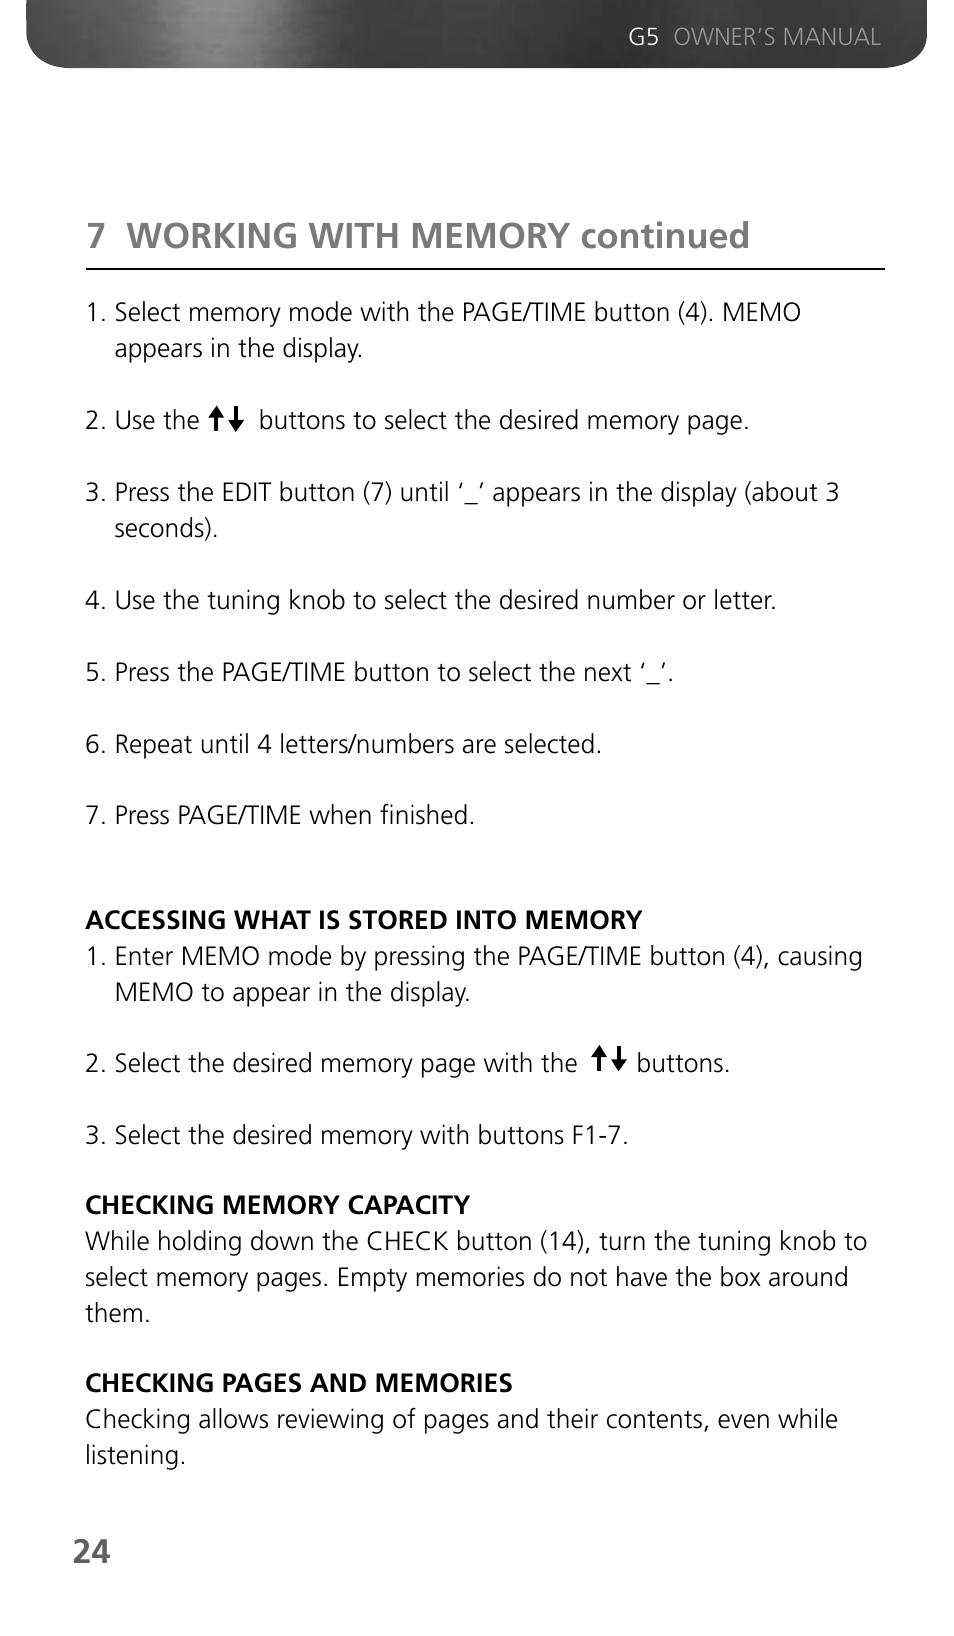 Eton Grundig G5 User Manual Manual Guide